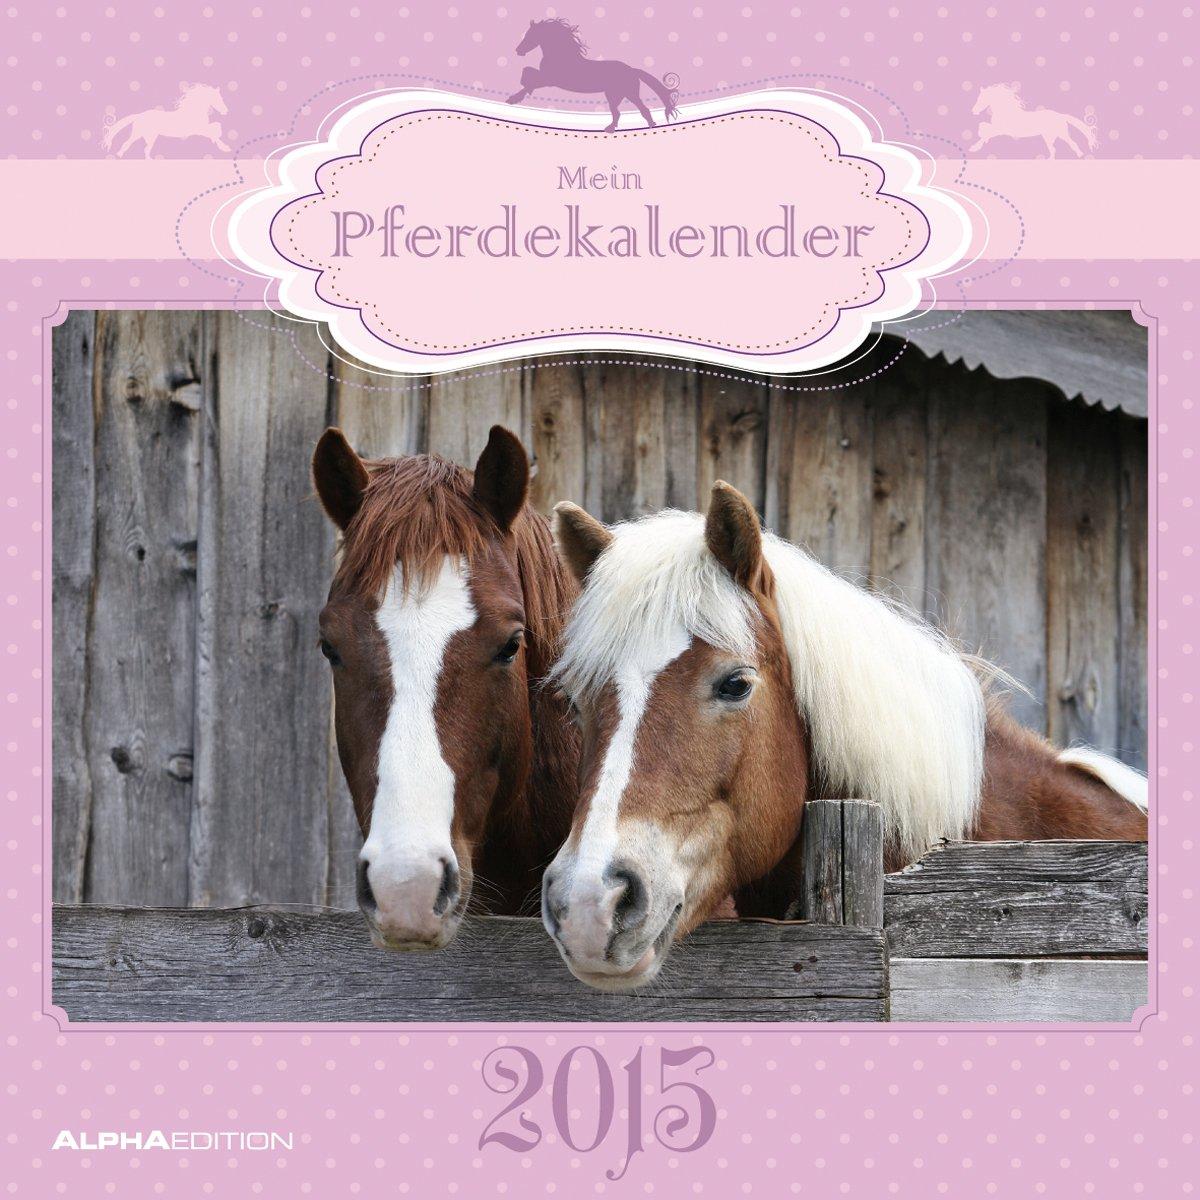 Mein Pferdekalender 2015 - Broschürenkalender (30 x 60 geöffnet) - Tierkalender